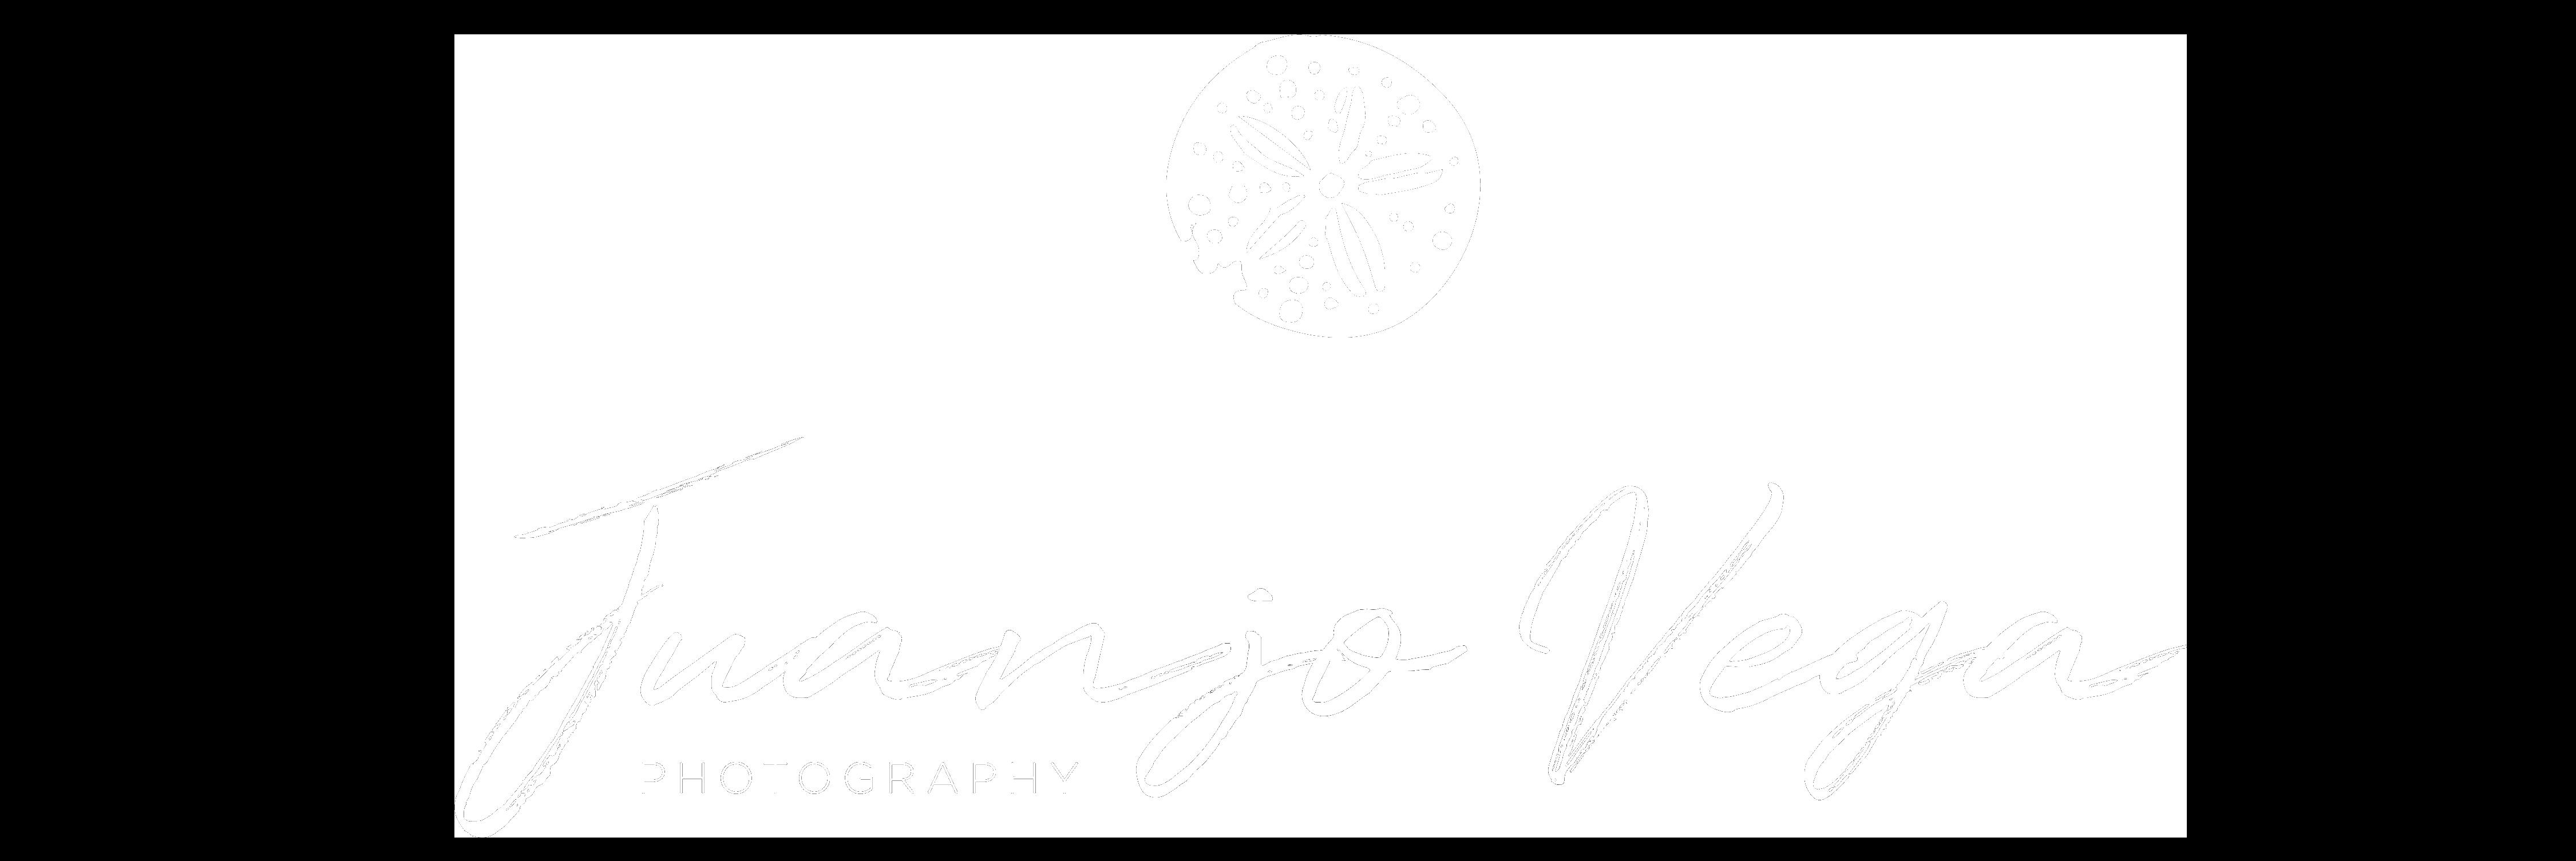 Juanjo Vega Photography